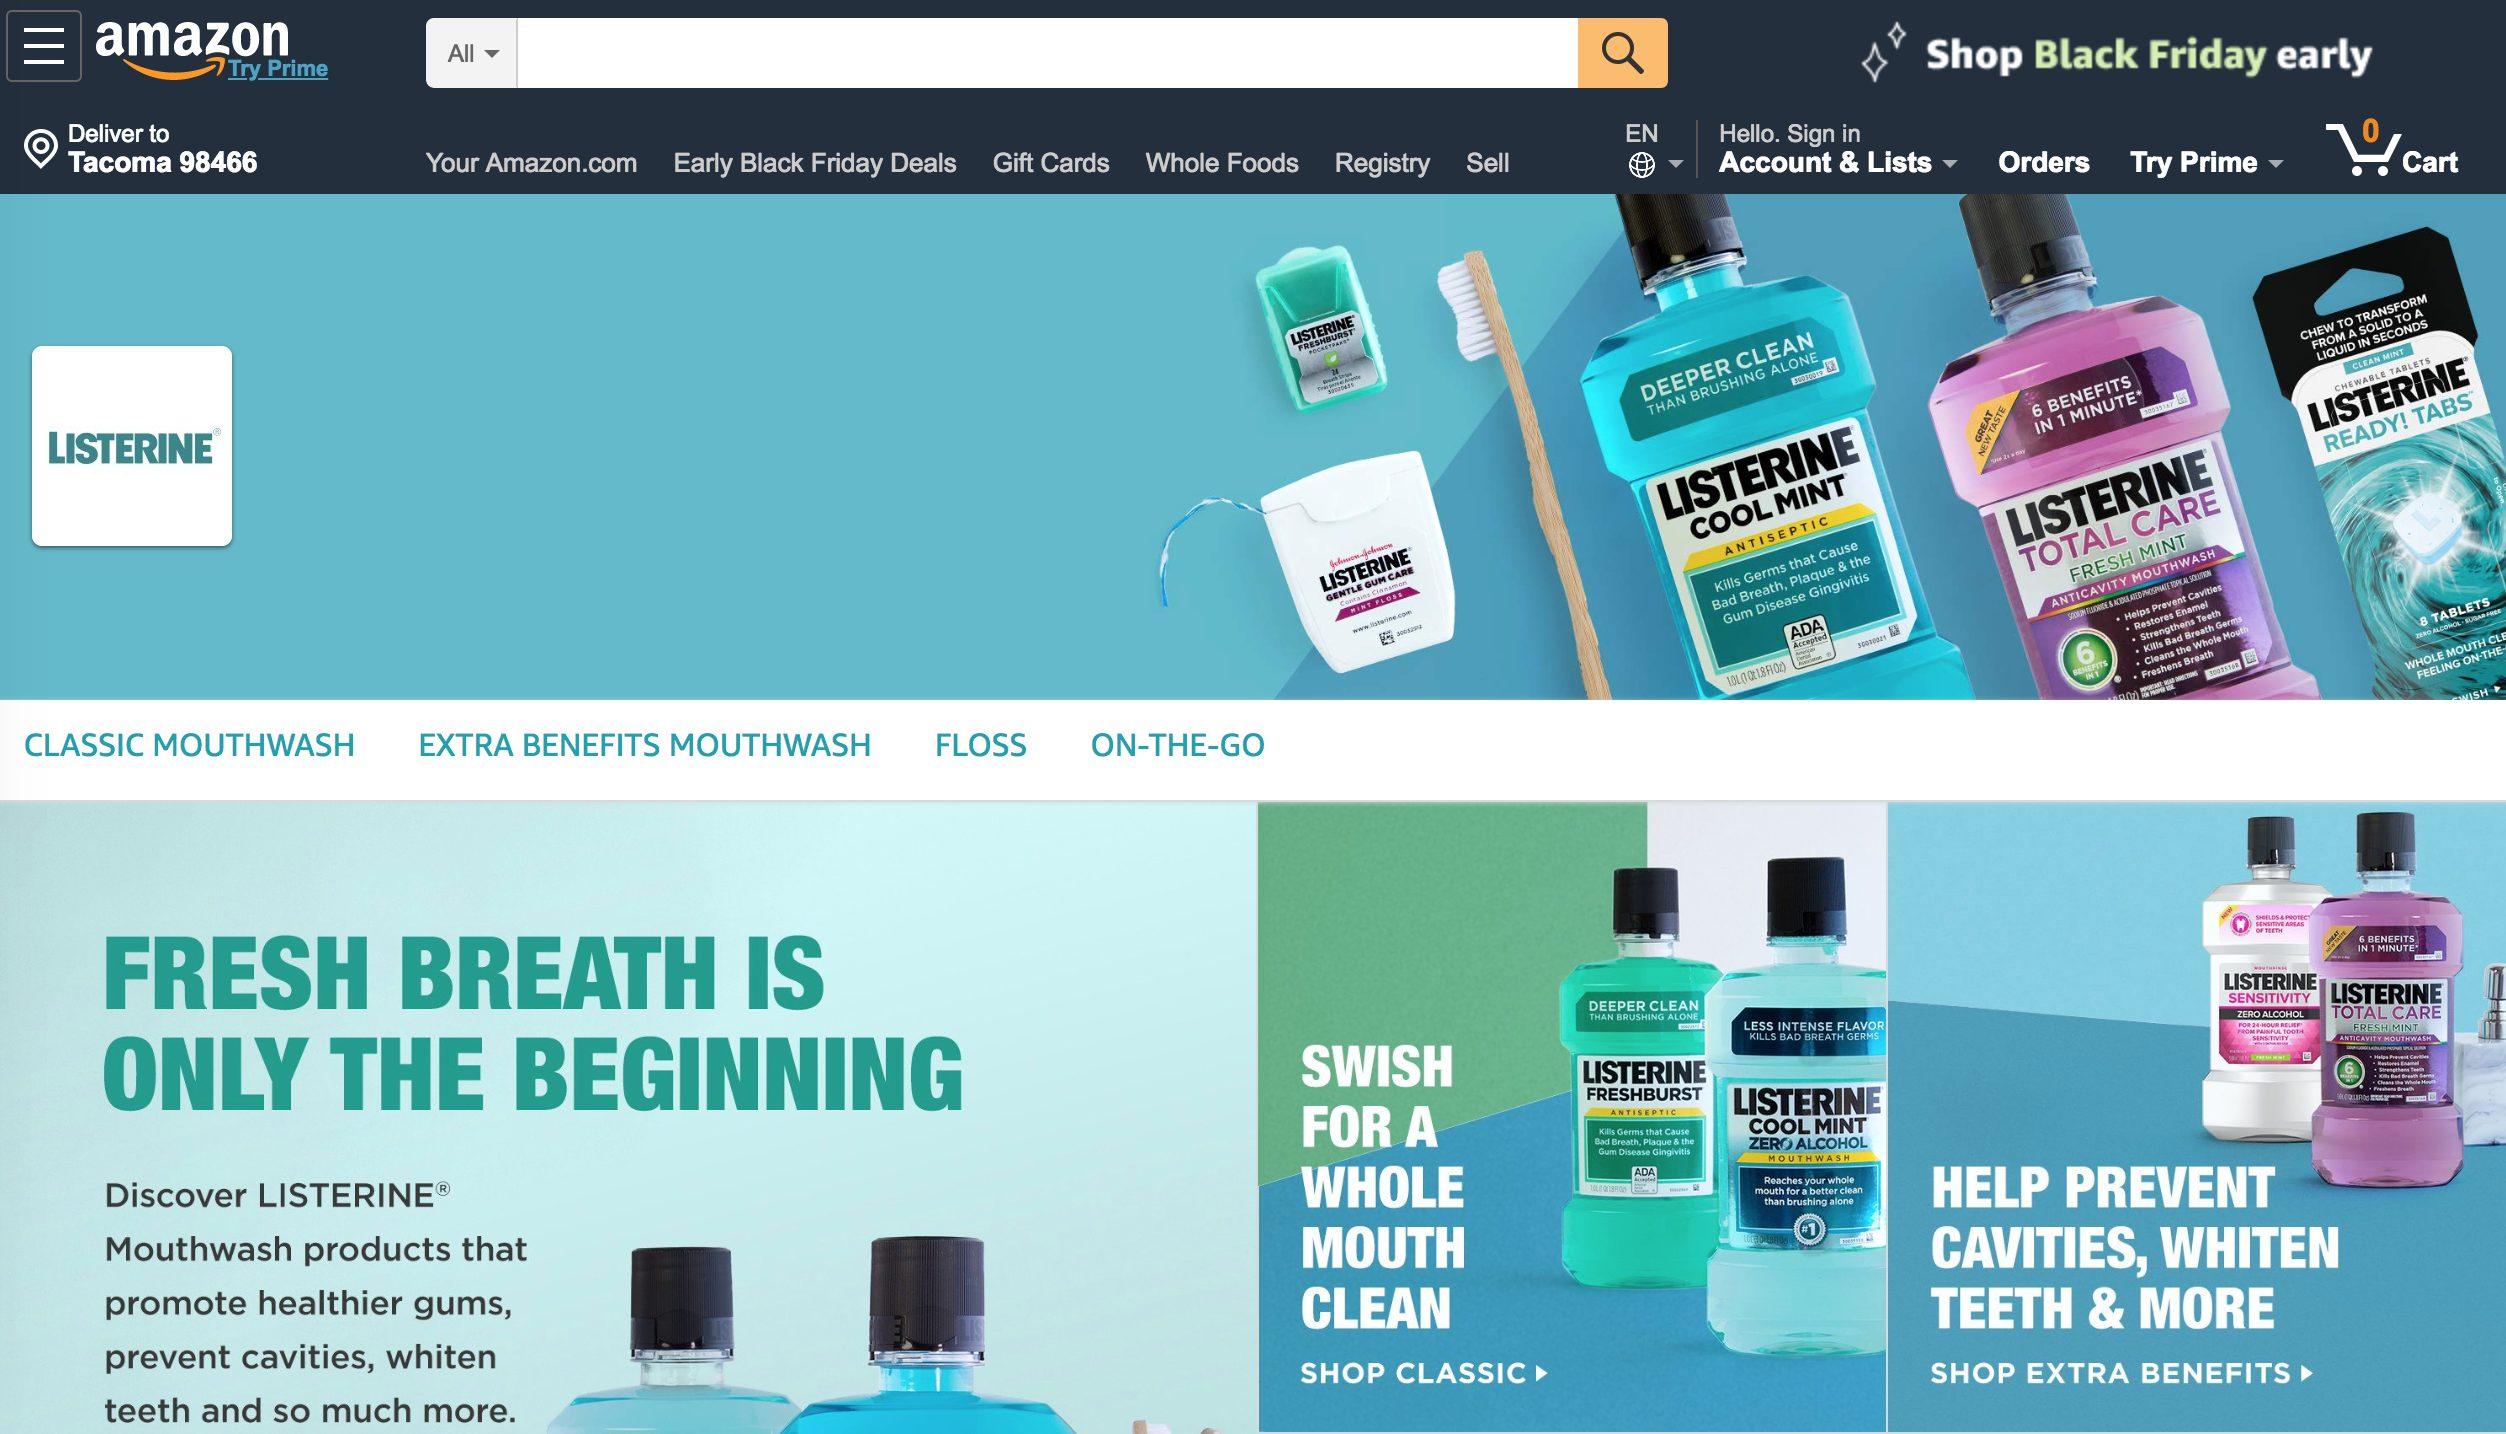 Listerine Amazon Store